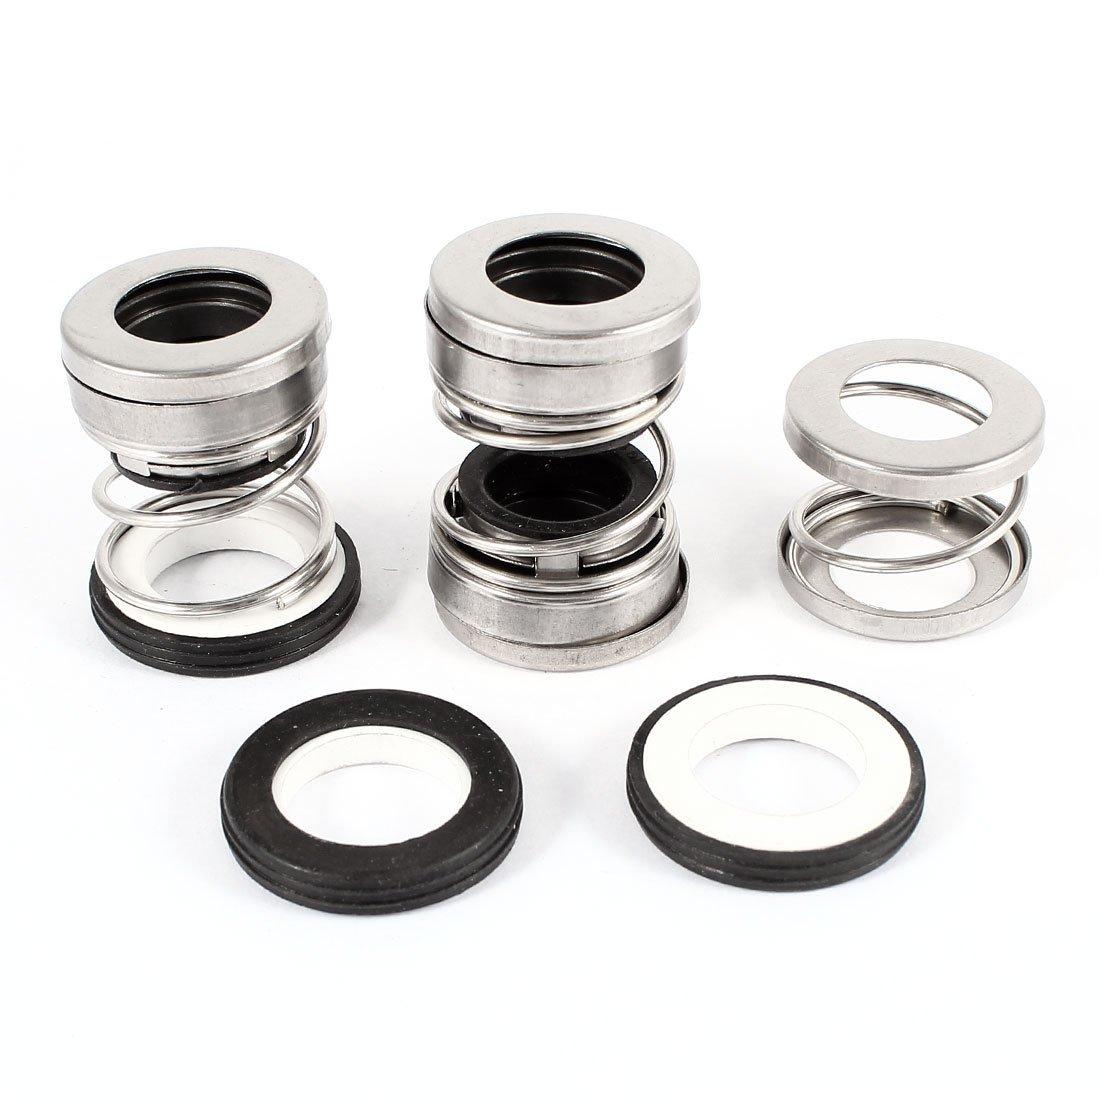 Sourcingmap              cái ống cao su đen máy bơm nước gợn sóng sealing 14 mm đường kính